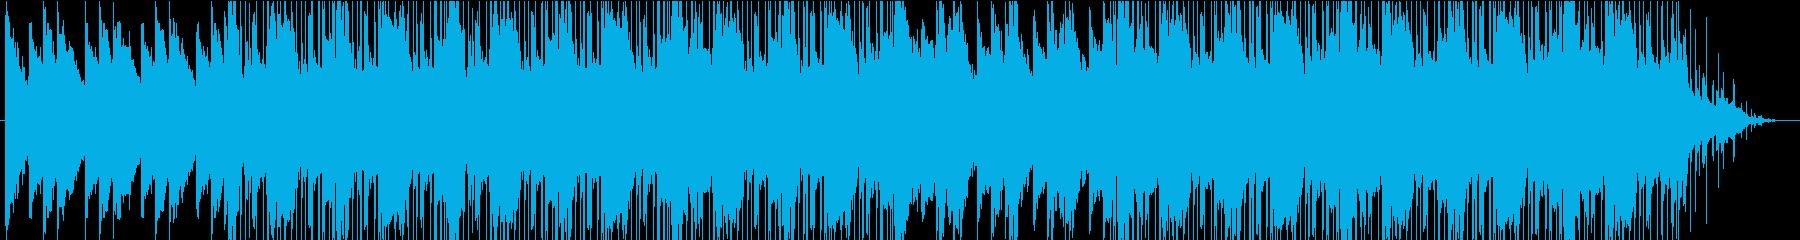 不安が募る不気味な雰囲気のBGMの再生済みの波形